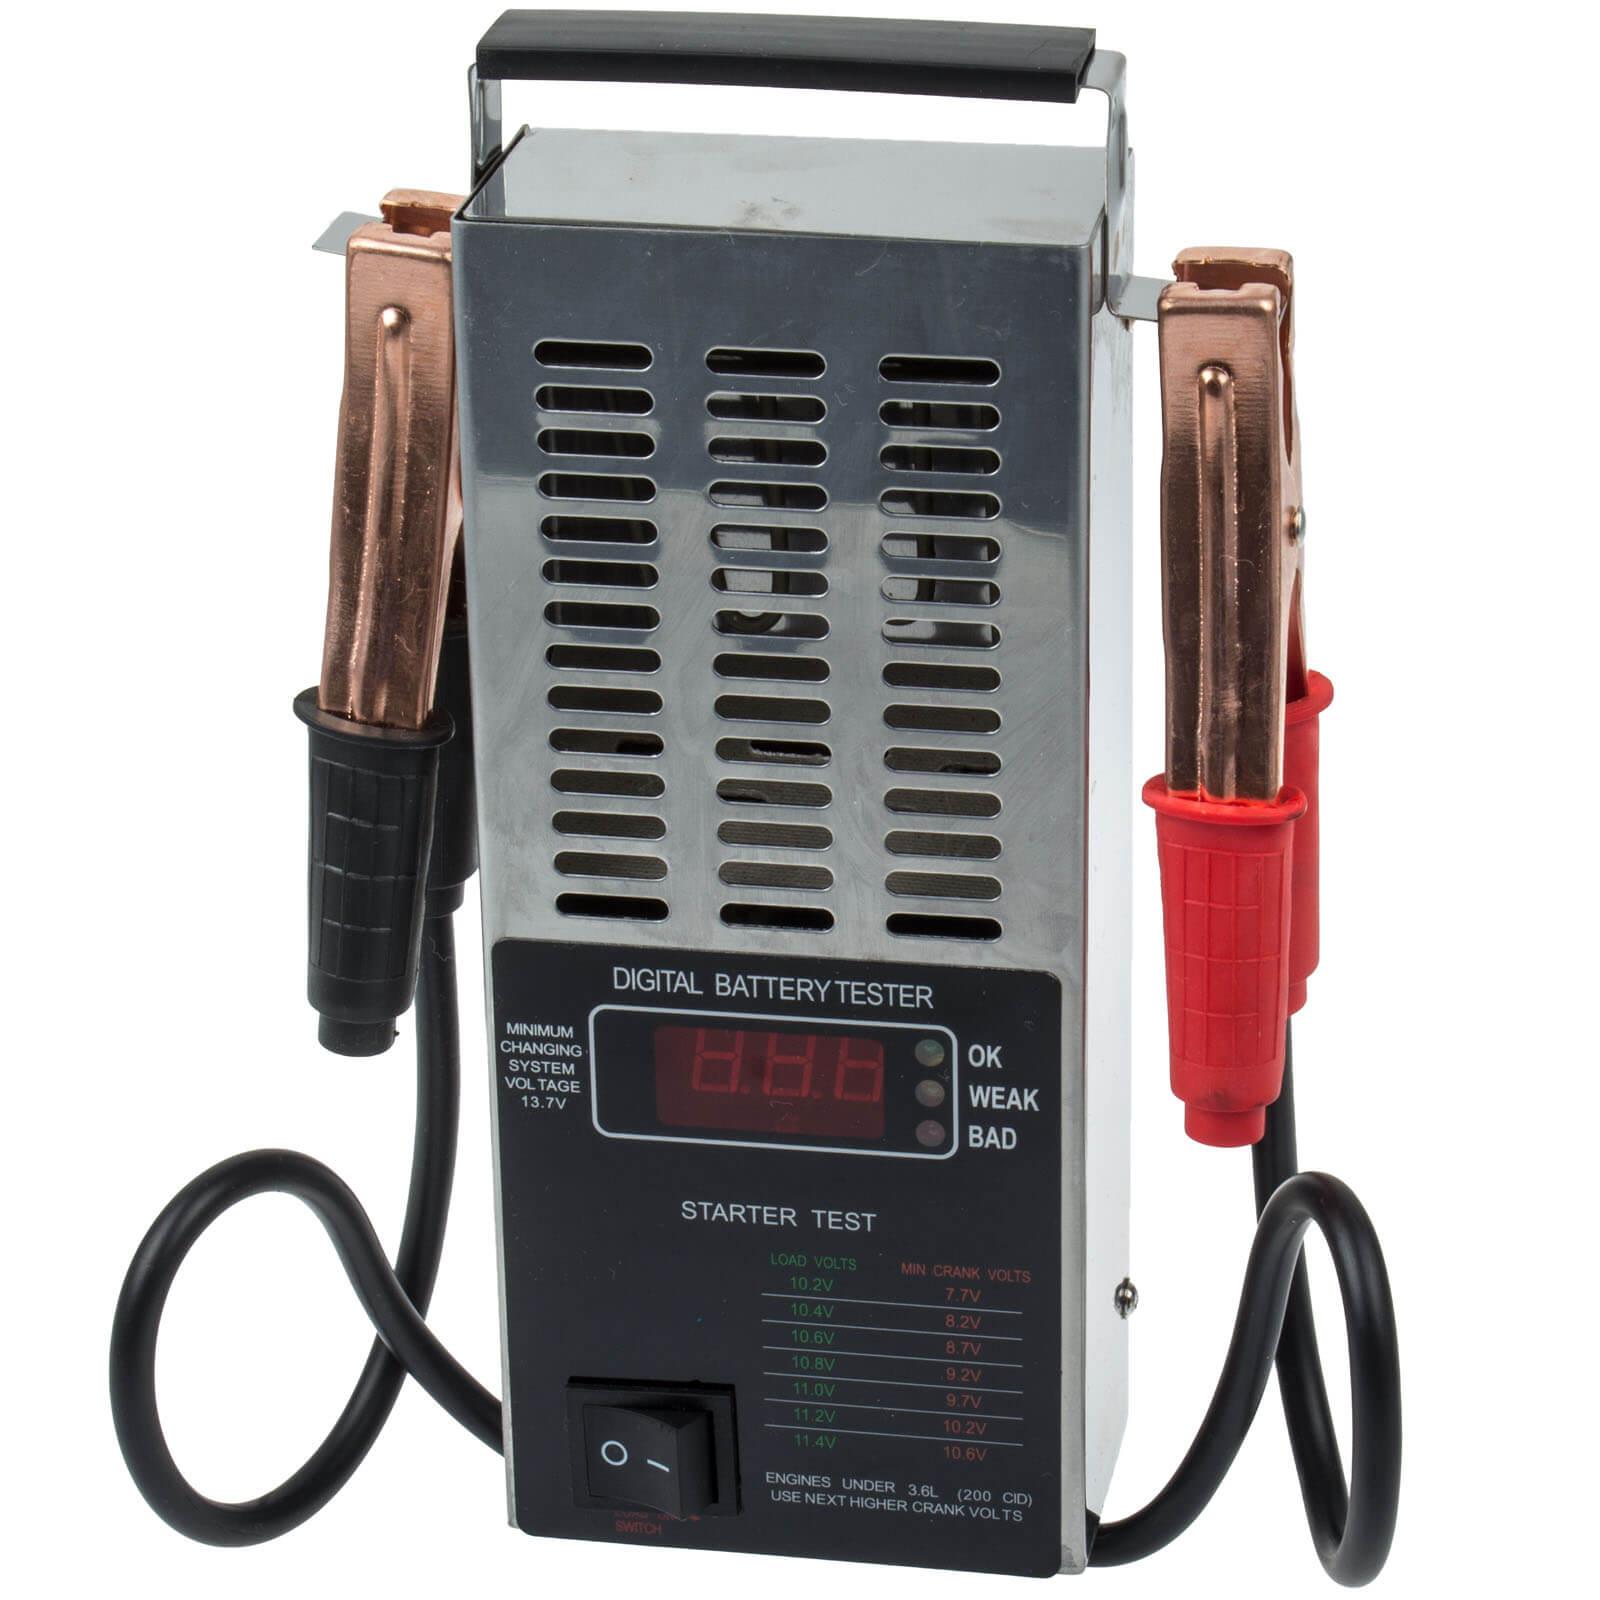 Battery Tester Digital 12V CAR VEHICLE Test Device